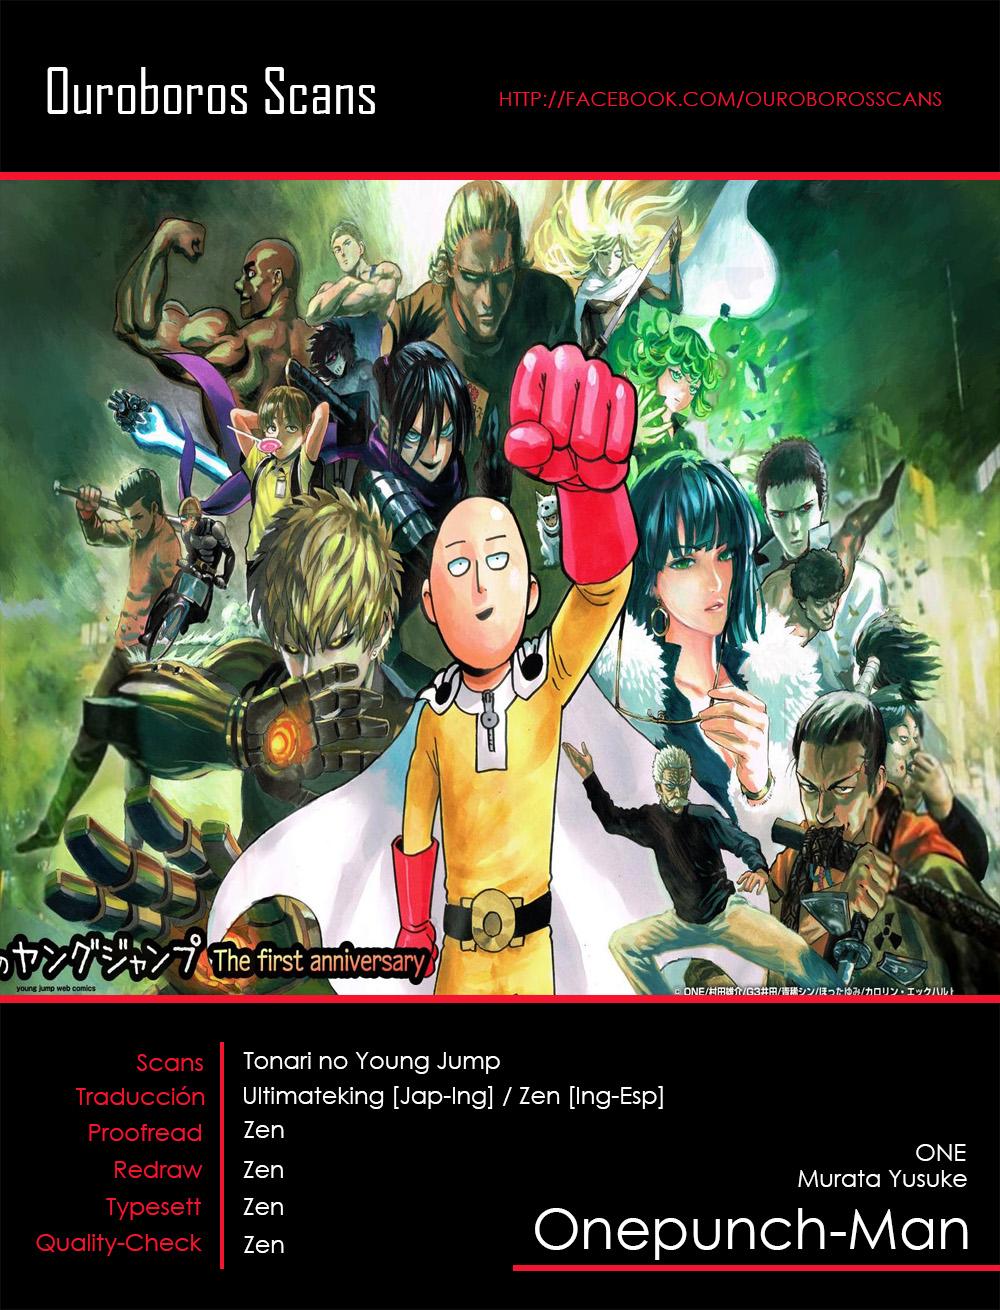 http://c5.ninemanga.com/es_manga/21/14805/430238/960fc72b306e2c9879dbeaa4f765dad2.jpg Page 1